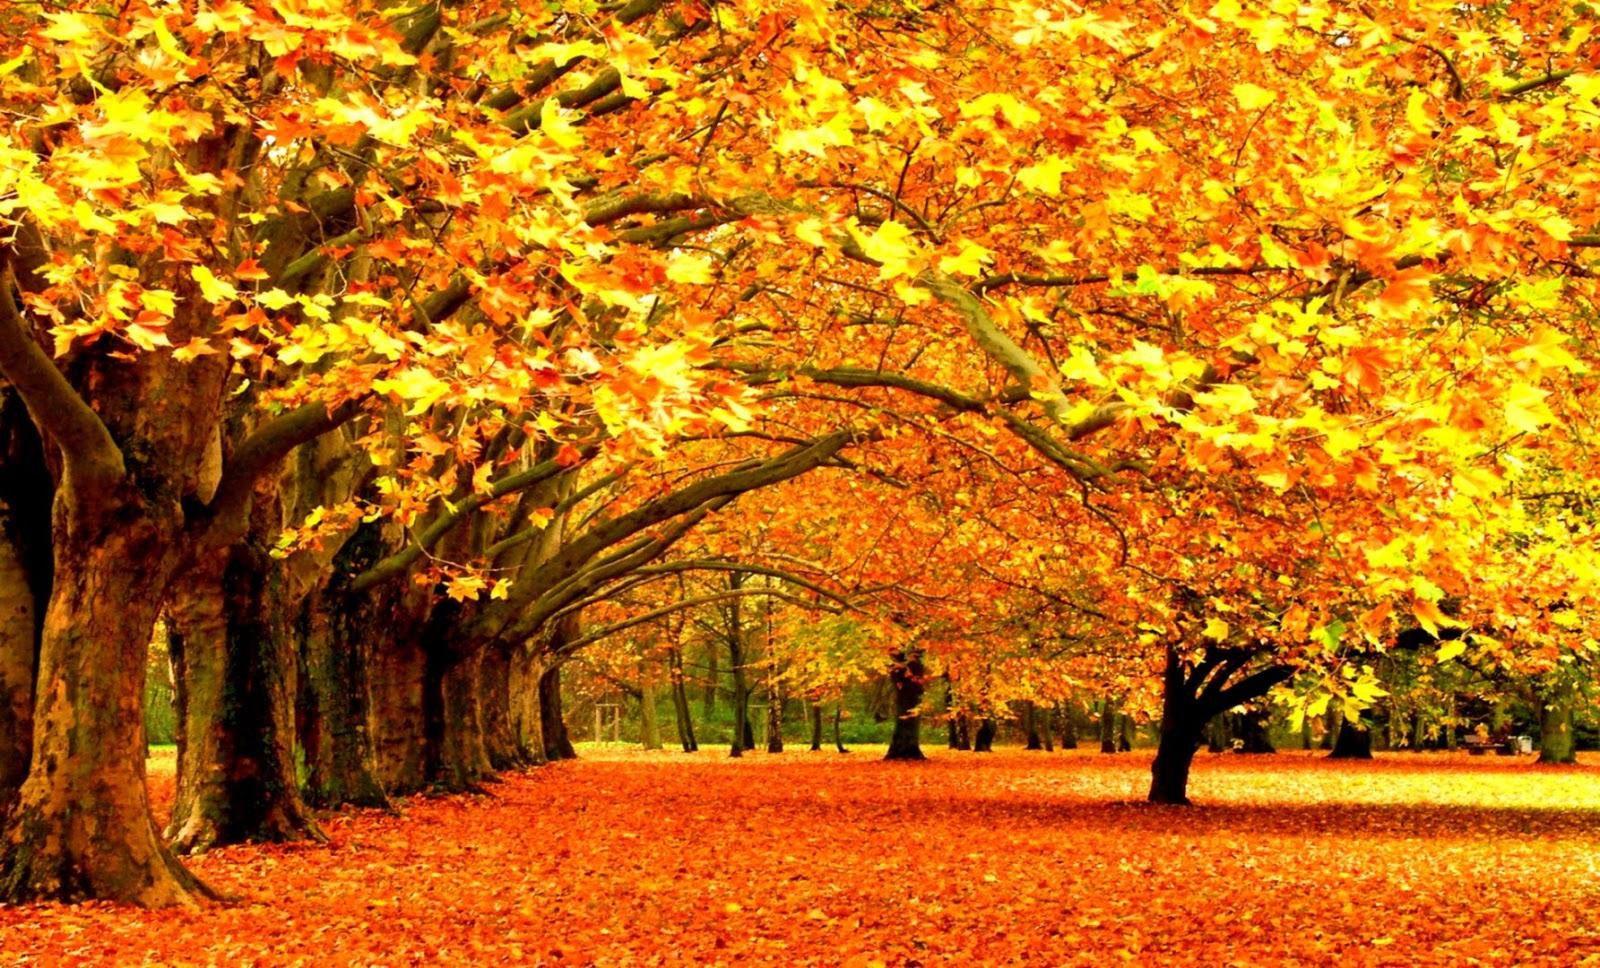 hình nền lá mùa thu